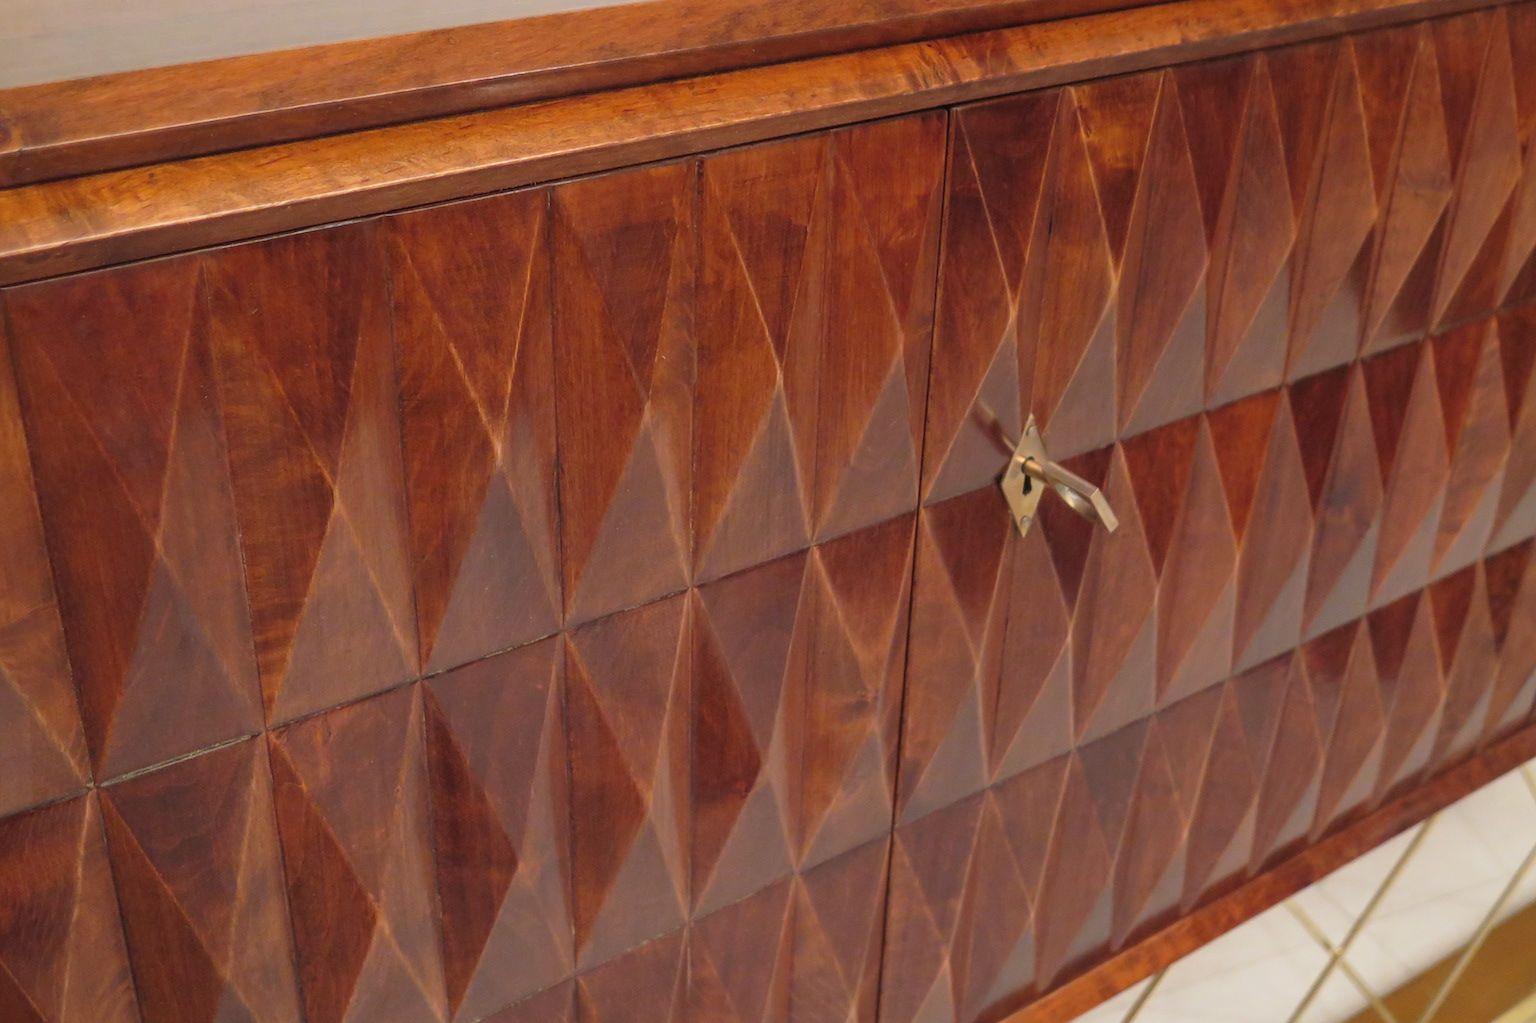 https://cdn20.pamono.com/p/z/2/7/275424_63h9wacoxz/credenza-art-deco-in-legno-di-ciliegio-italia-anni-40-immagine-6.jpg